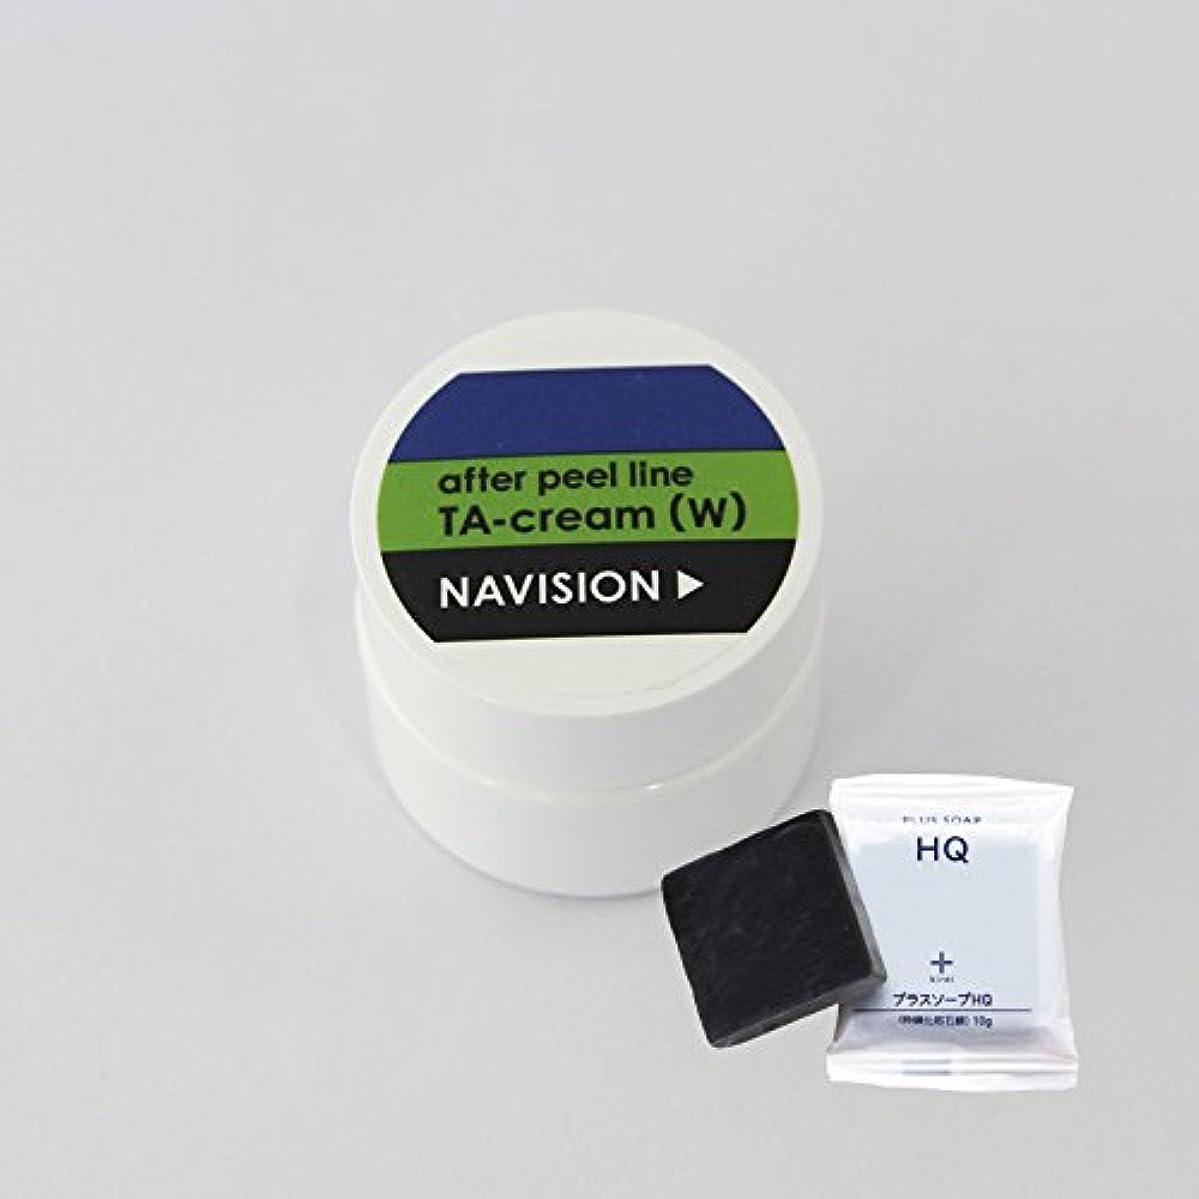 多用途恐怖オフセットナビジョン NAVISION TAクリーム(W) 30g (医薬部外品) + プラスキレイ プラスソープHQミニ